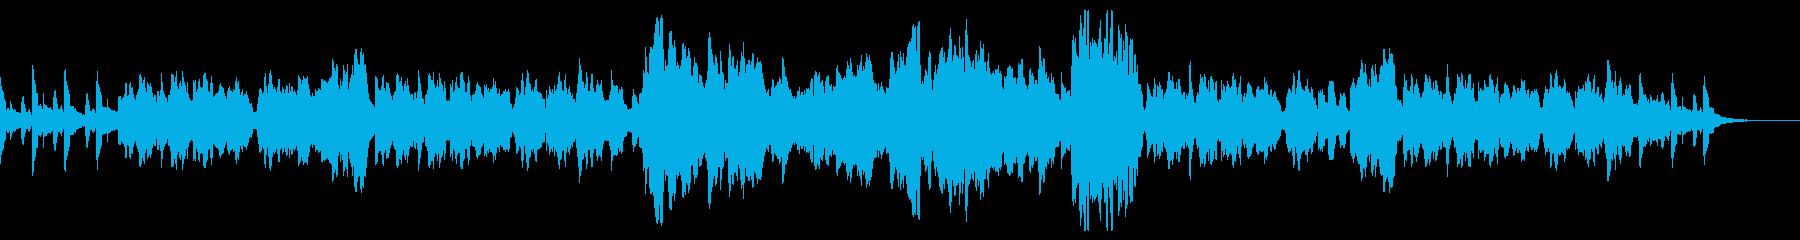 フルートとハープを使った物語の始まりの再生済みの波形